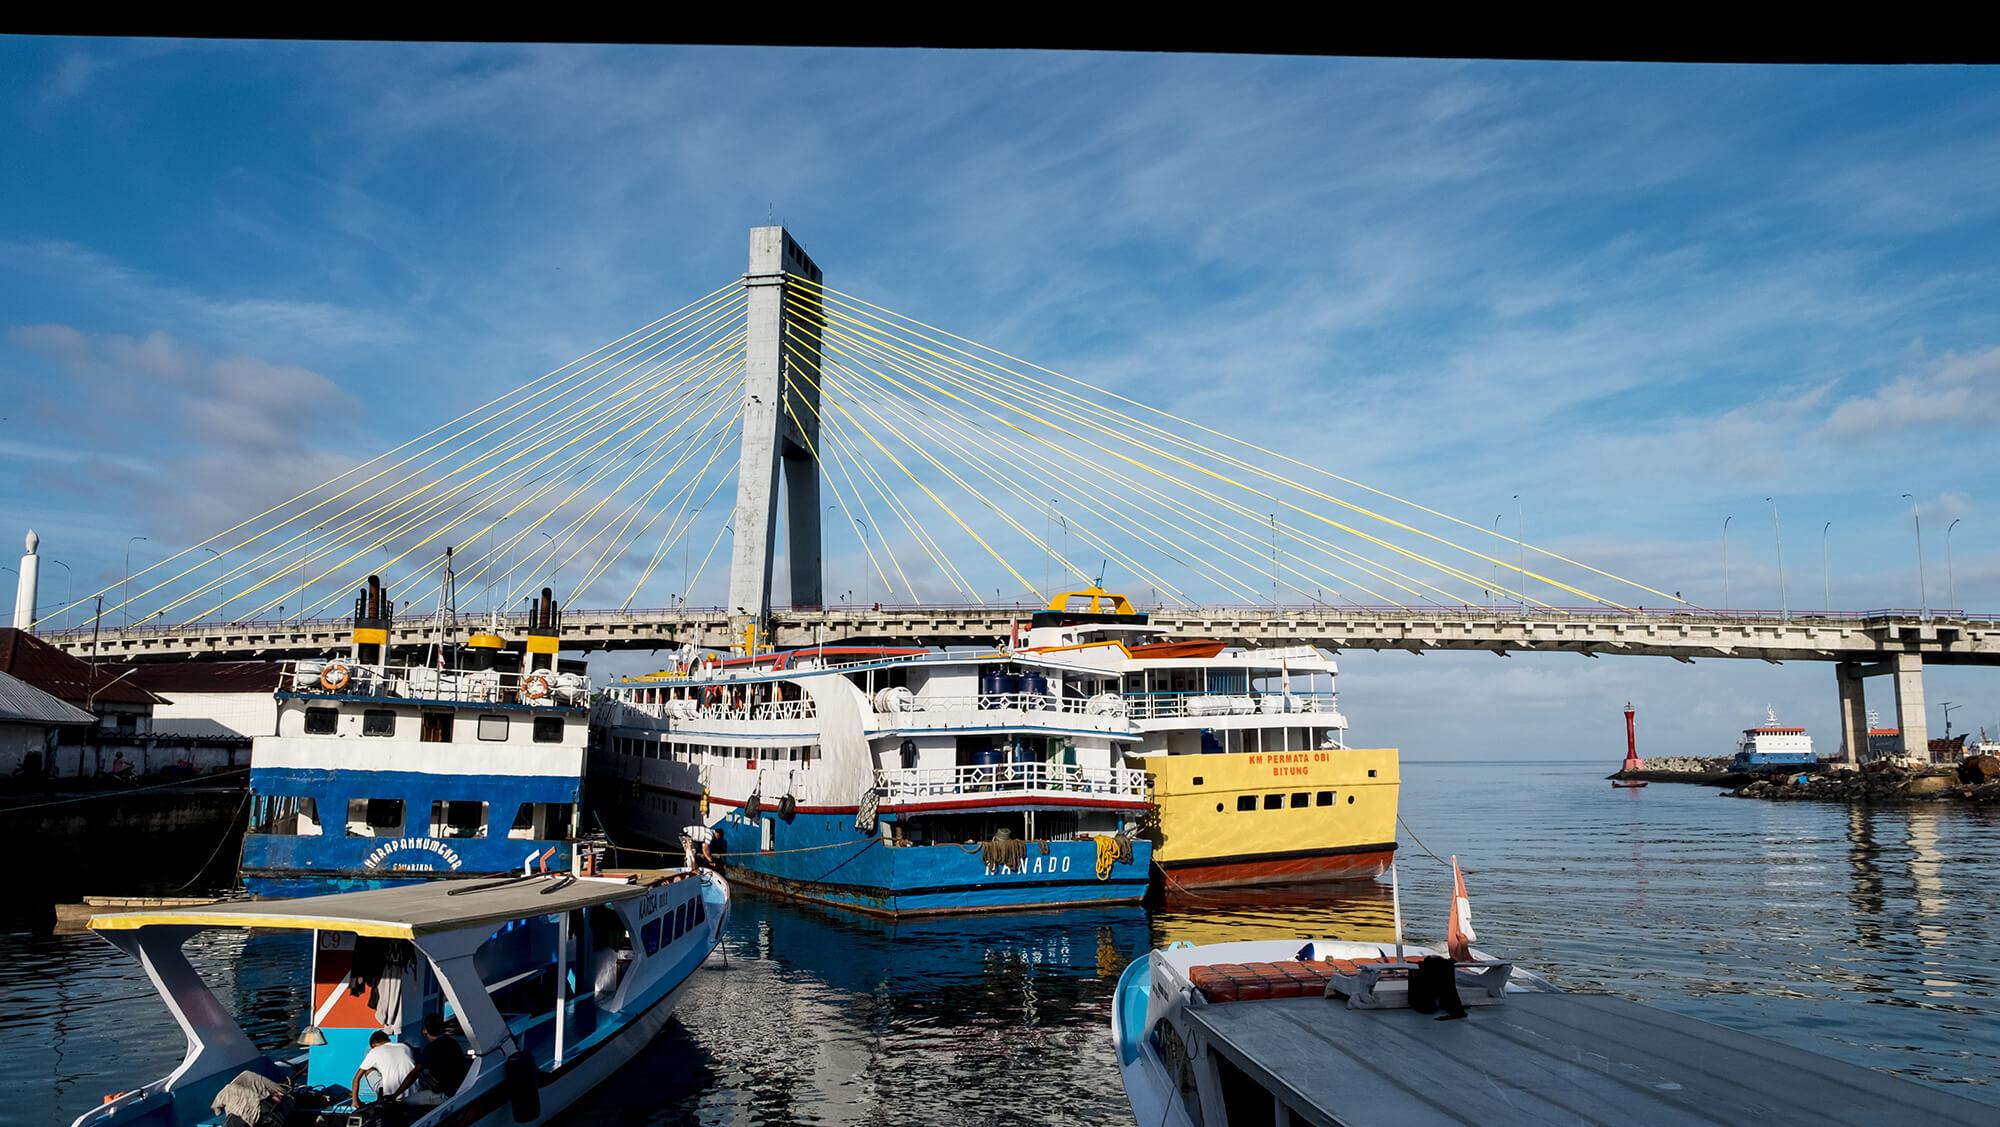 Puerto de la ciudad de Manado al norte de Sulawesi en Indonesia